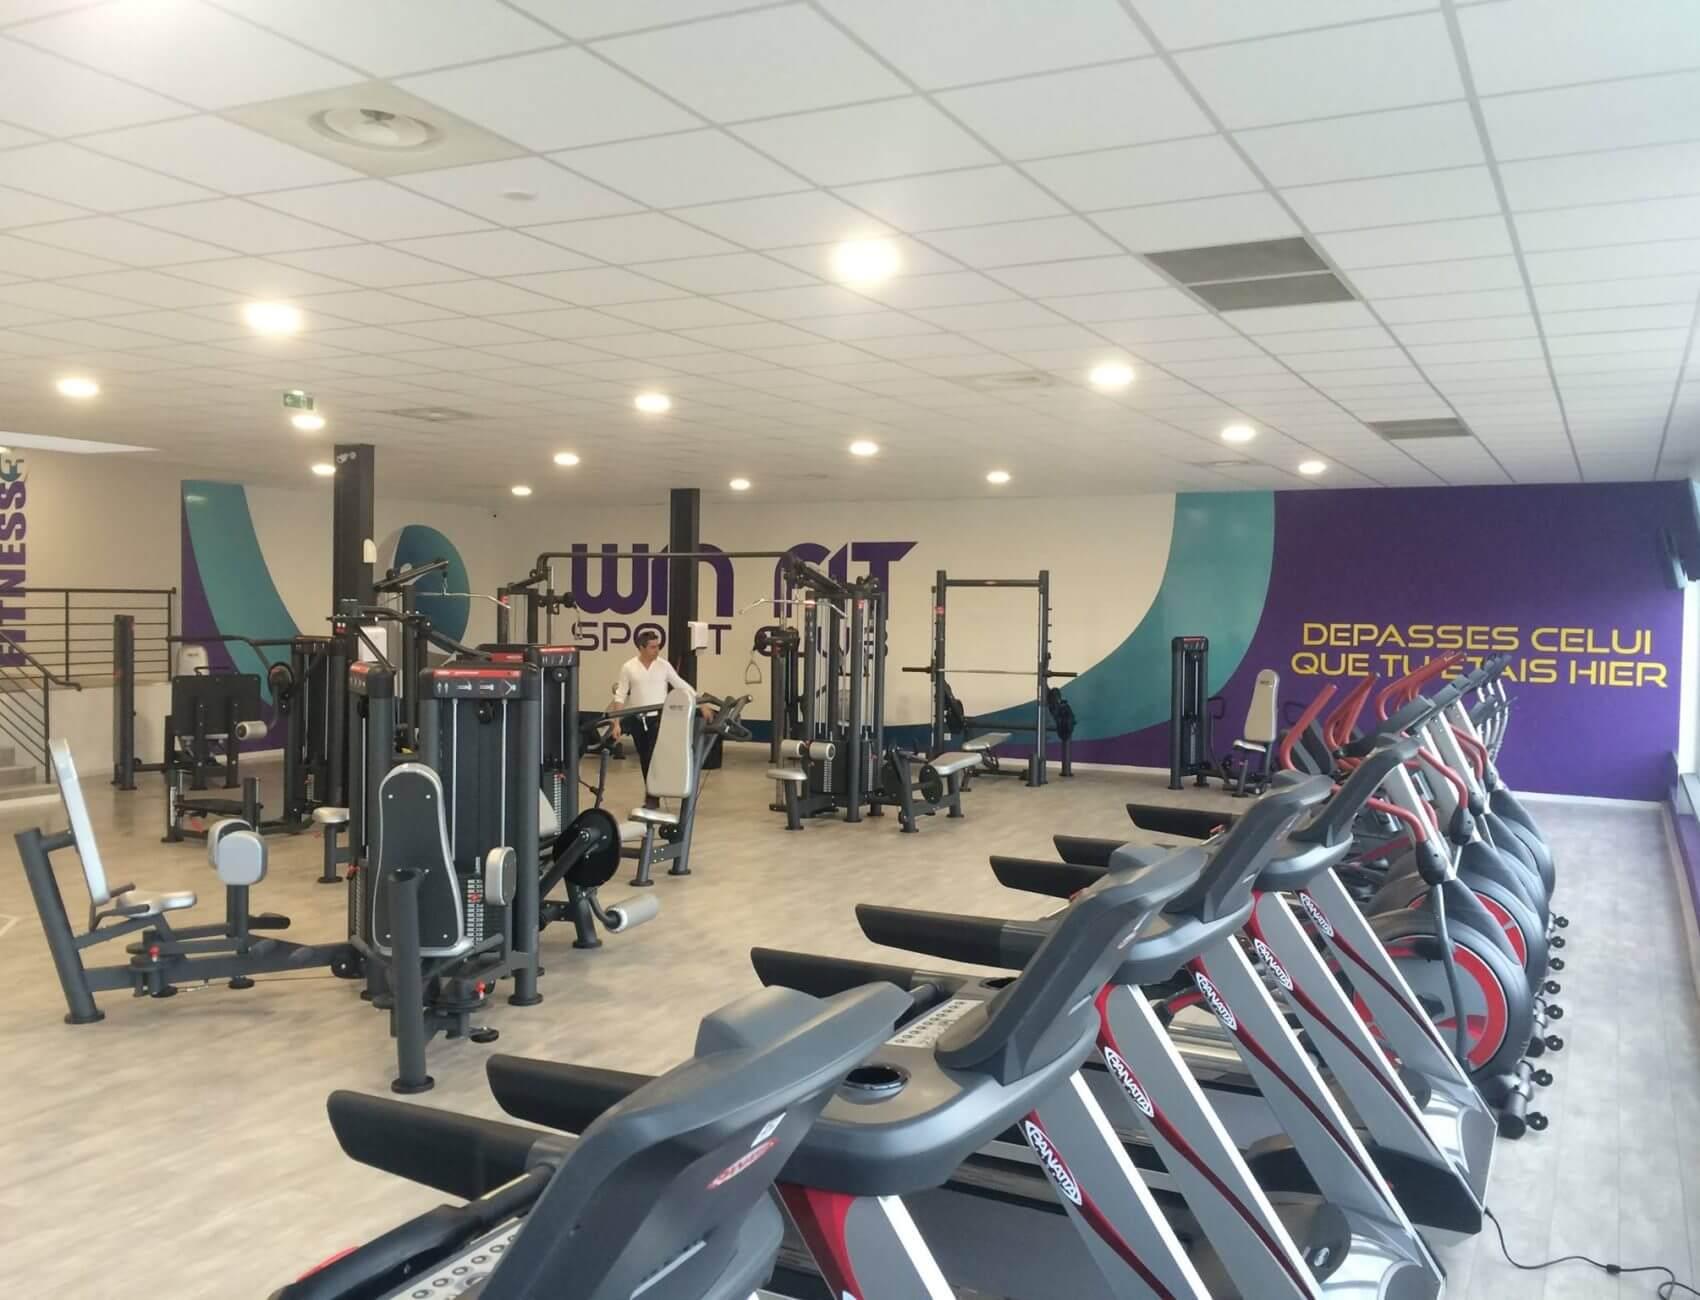 Galerie echipamente fitness 2014 - 5